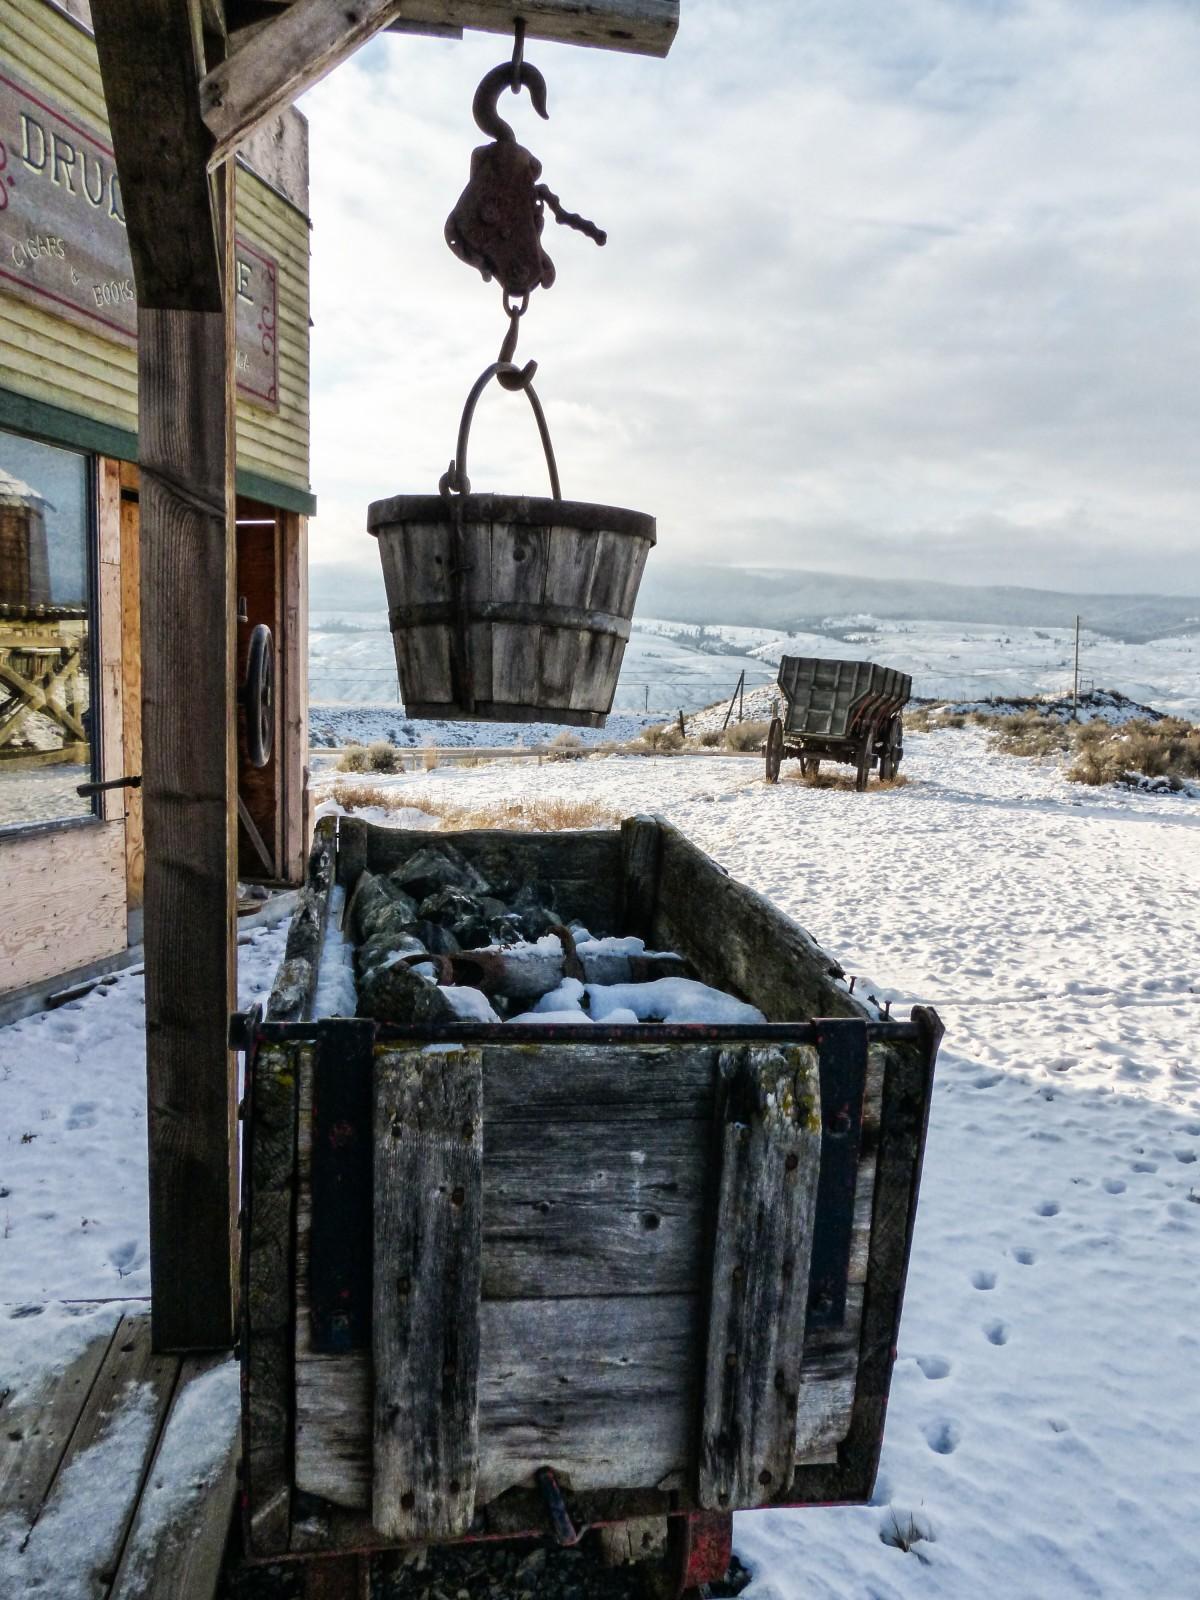 Free Images Landscape Snow Winter Vintage Antique